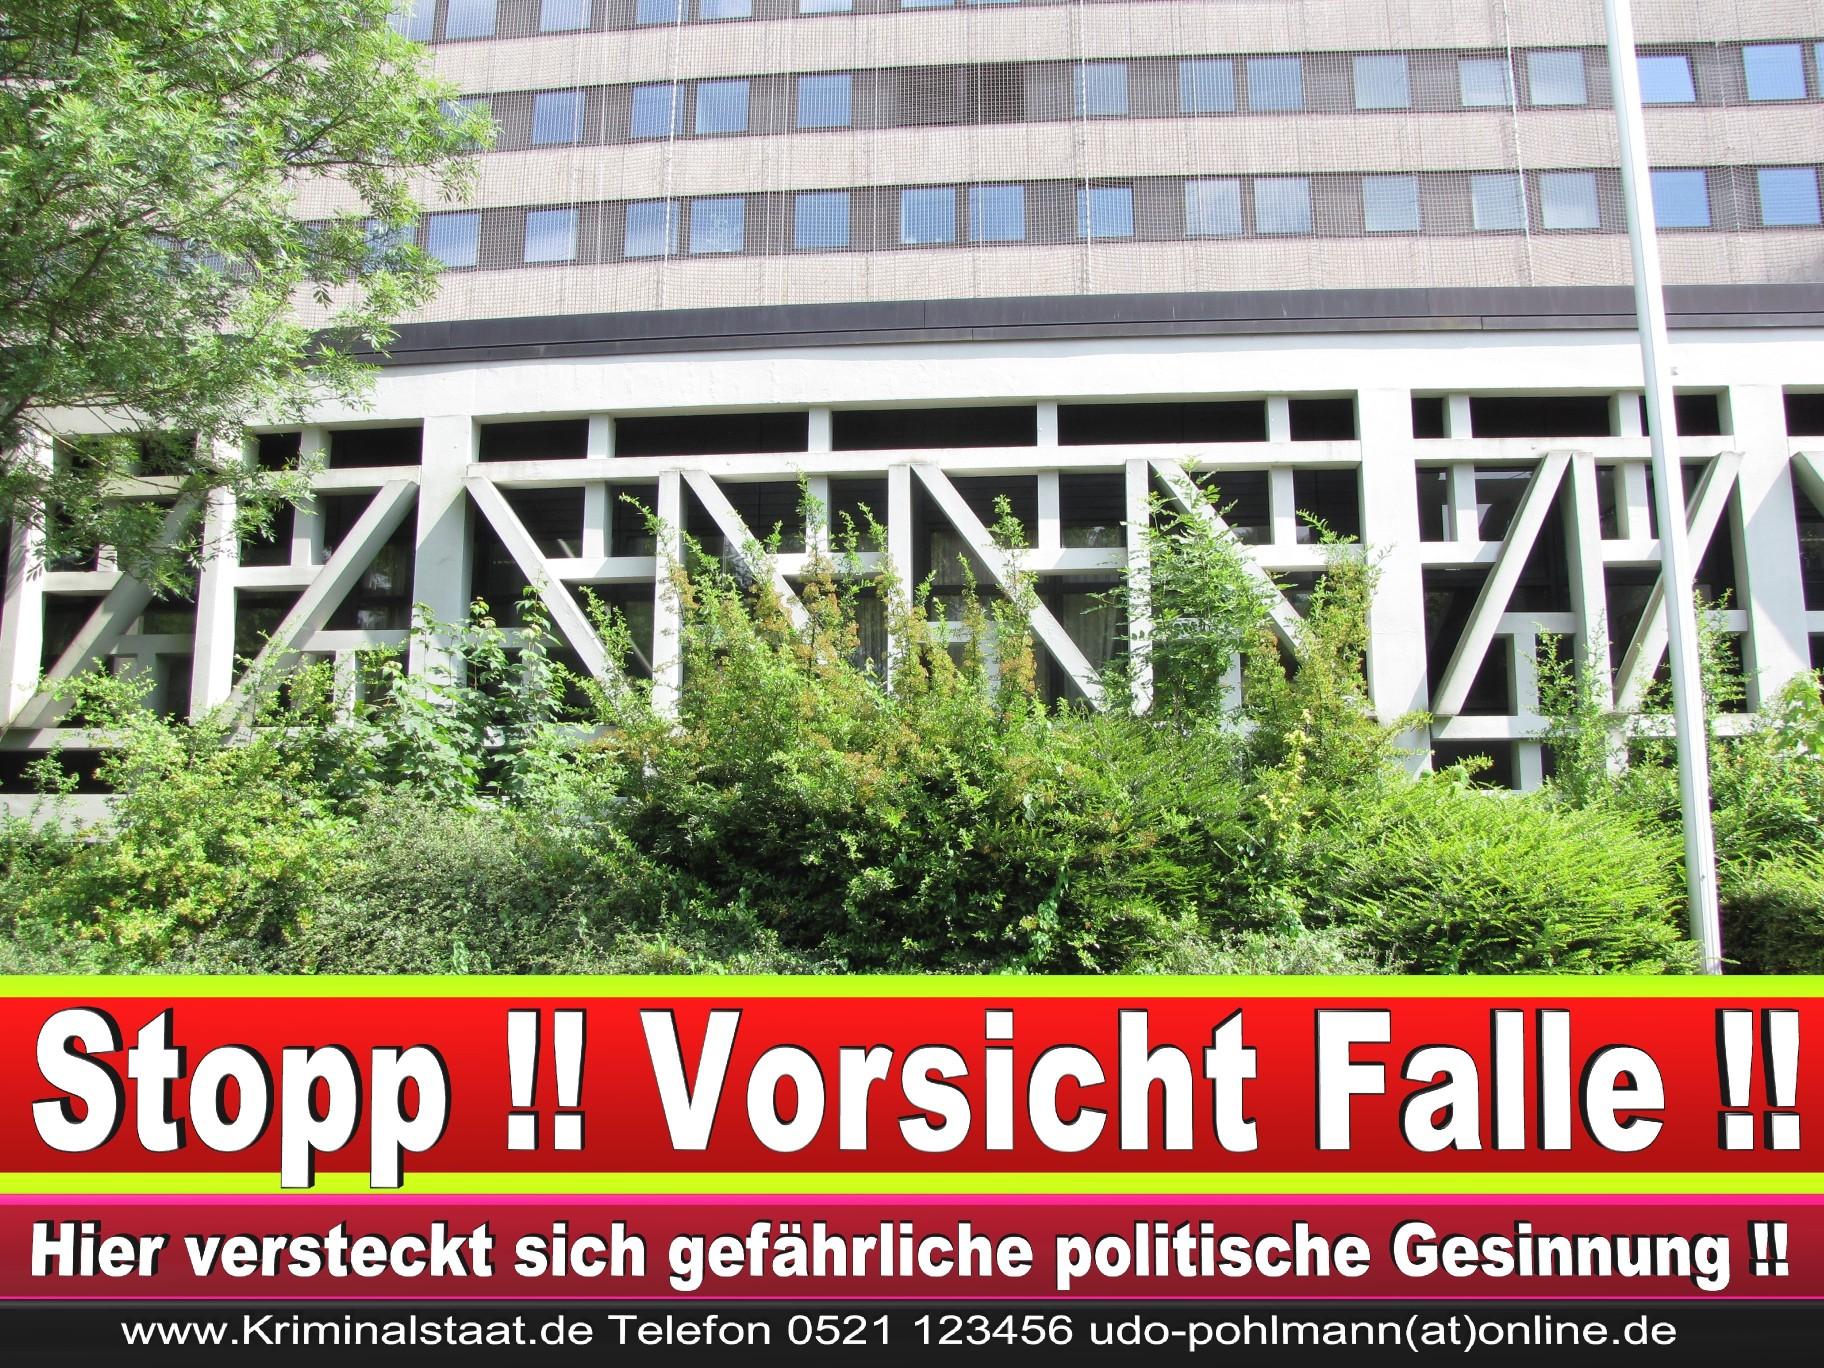 CDU Landgericht Bielefeld Landgerichtspräsident Klaus Petermann Hochstraße Bünde Jens Gnisa Richterbund Richtervereinigung 2